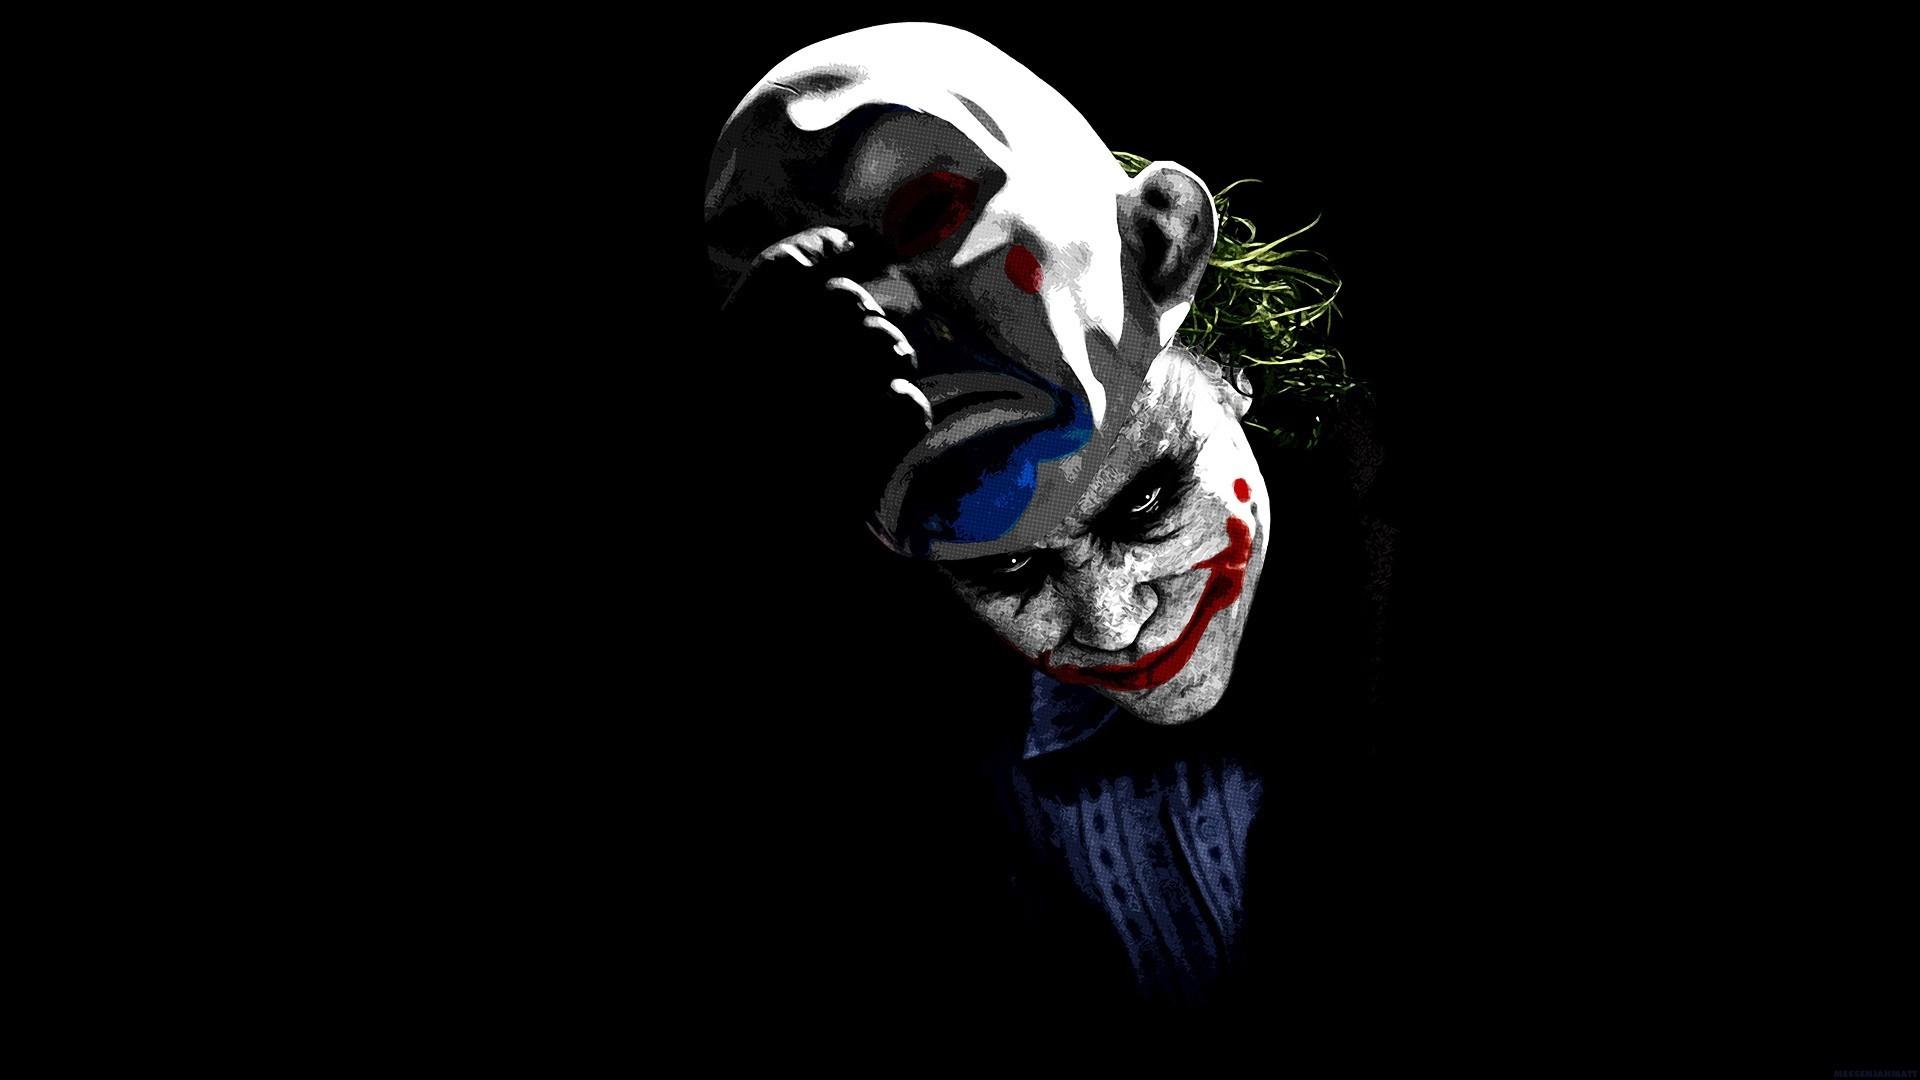 16426 Hintergrundbild herunterladen Kino, Kunst, Batman, Joker - Bildschirmschoner und Bilder kostenlos